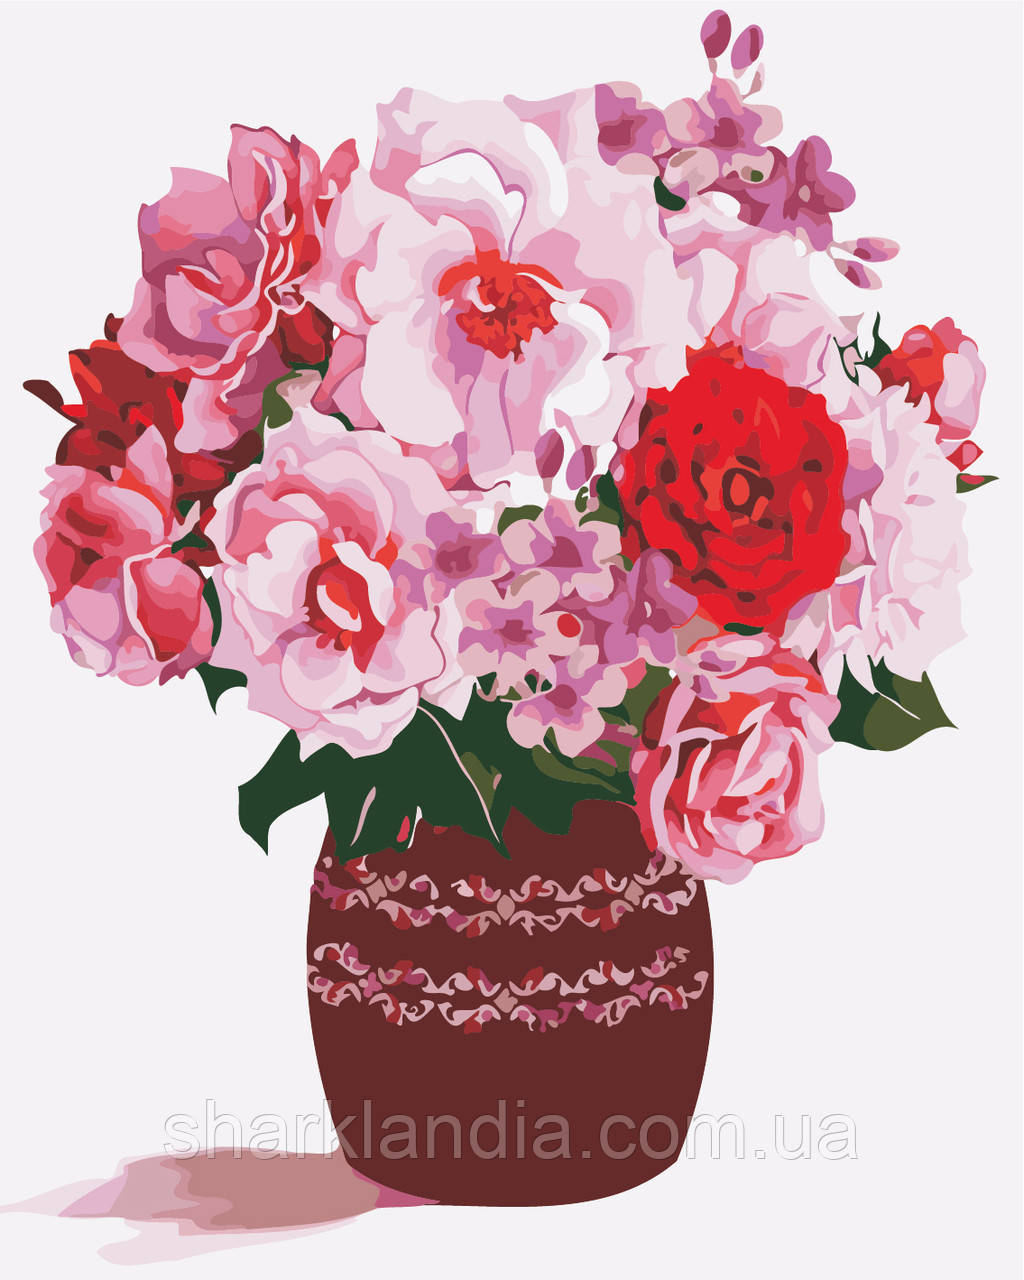 """Картина по номерам """"Розовый букет"""" 40*50см"""